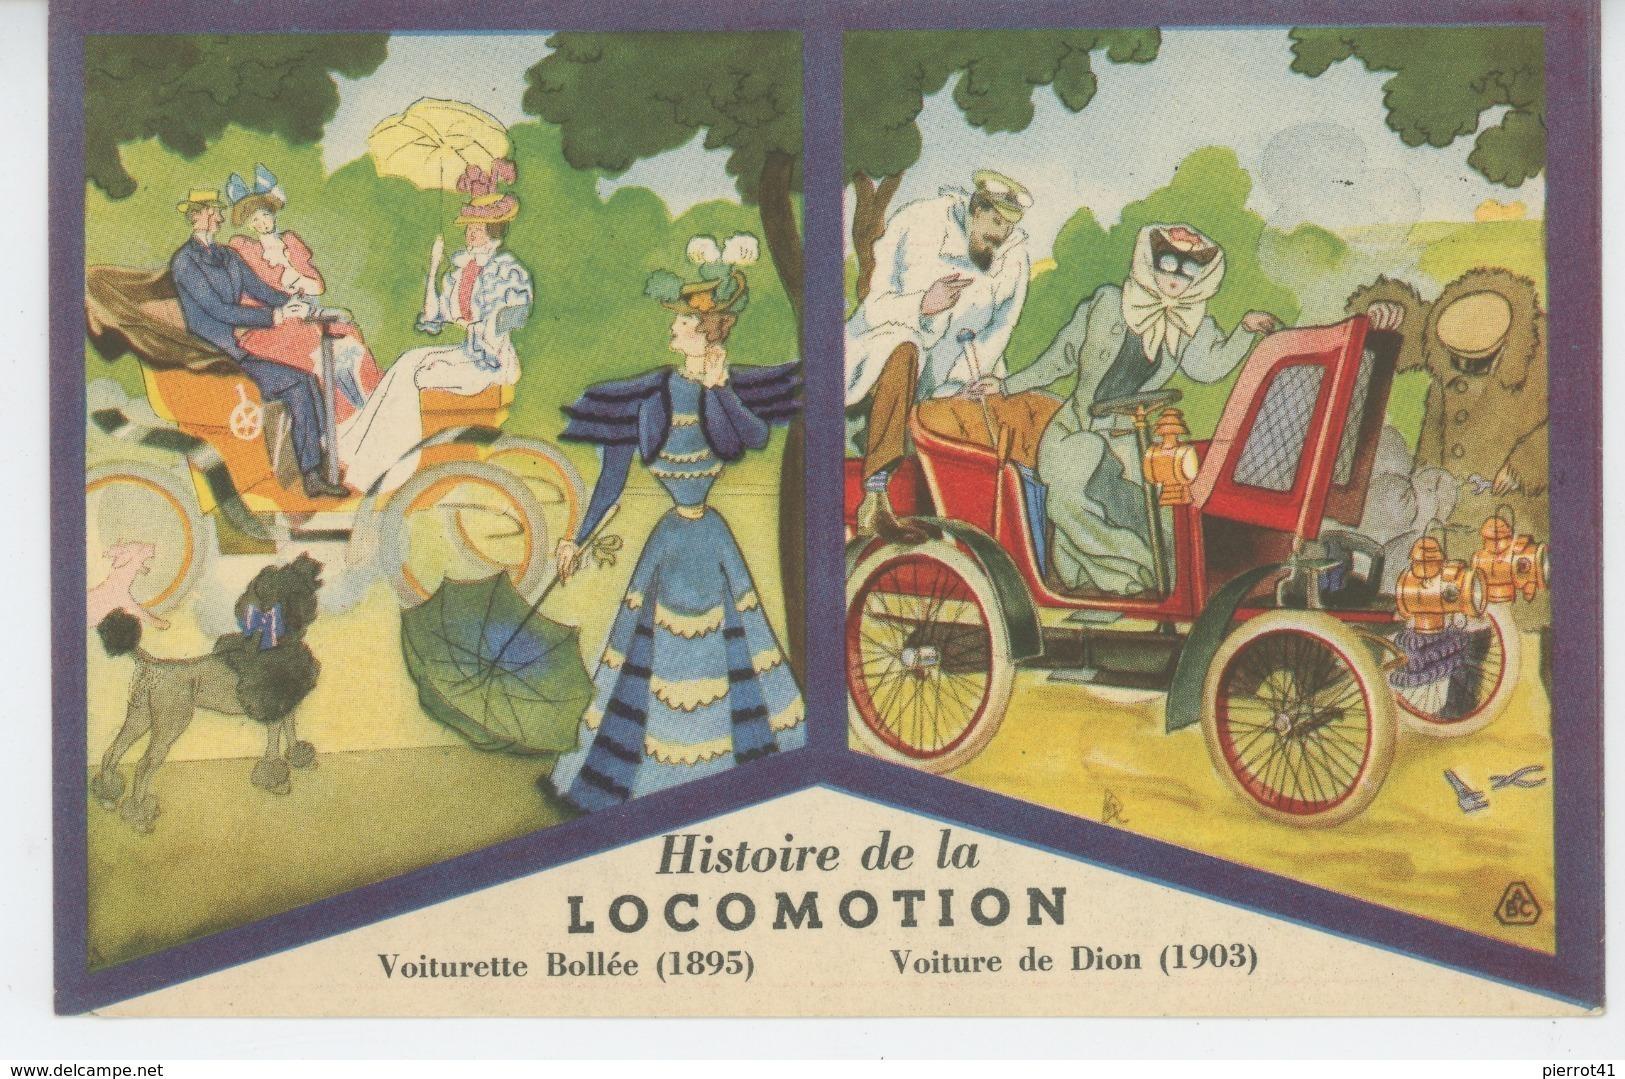 PUBLICITE - HISTOIRE DE LA LOCOMOTION - LES ANCETRES DE L'AUTOMOBILE - Edition Des PRODUITS Du LION NOIR - Publicité